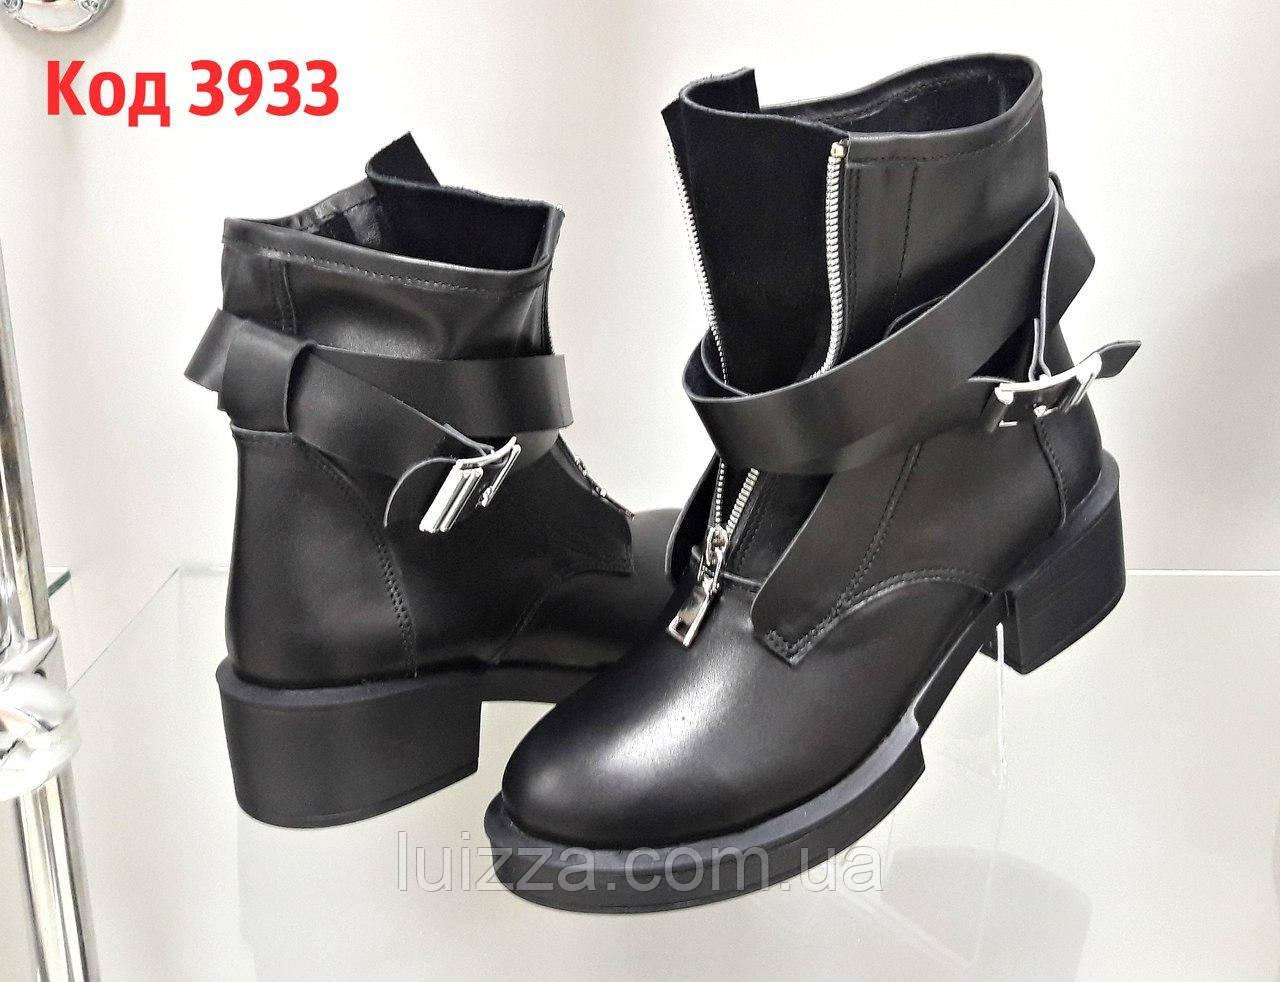 Женские зимние ботинки из натуральной кожи 36-40рр 36